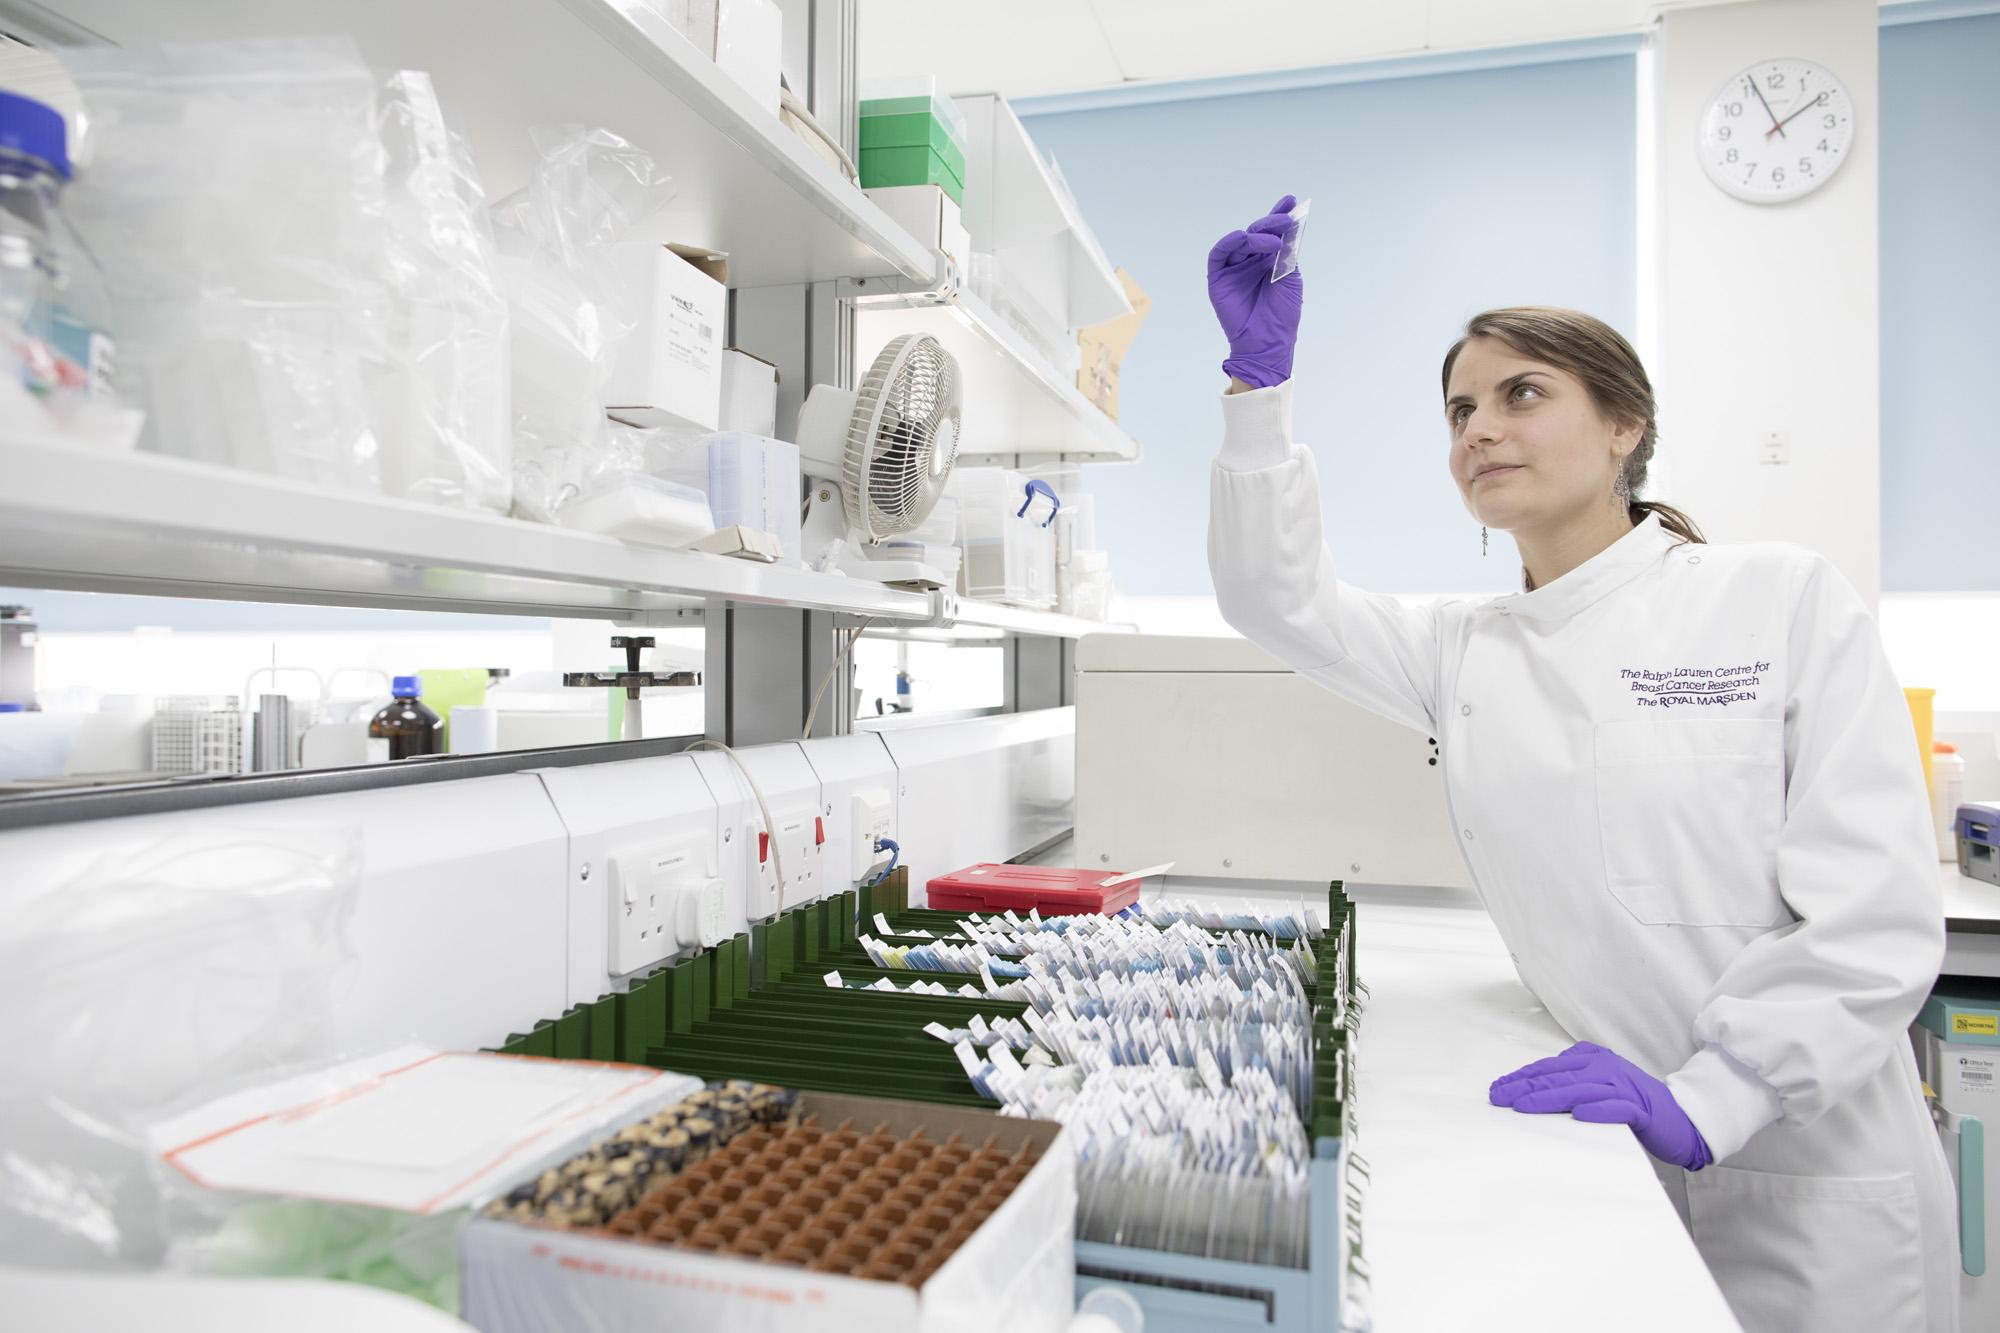 Scientific Officer working in lab